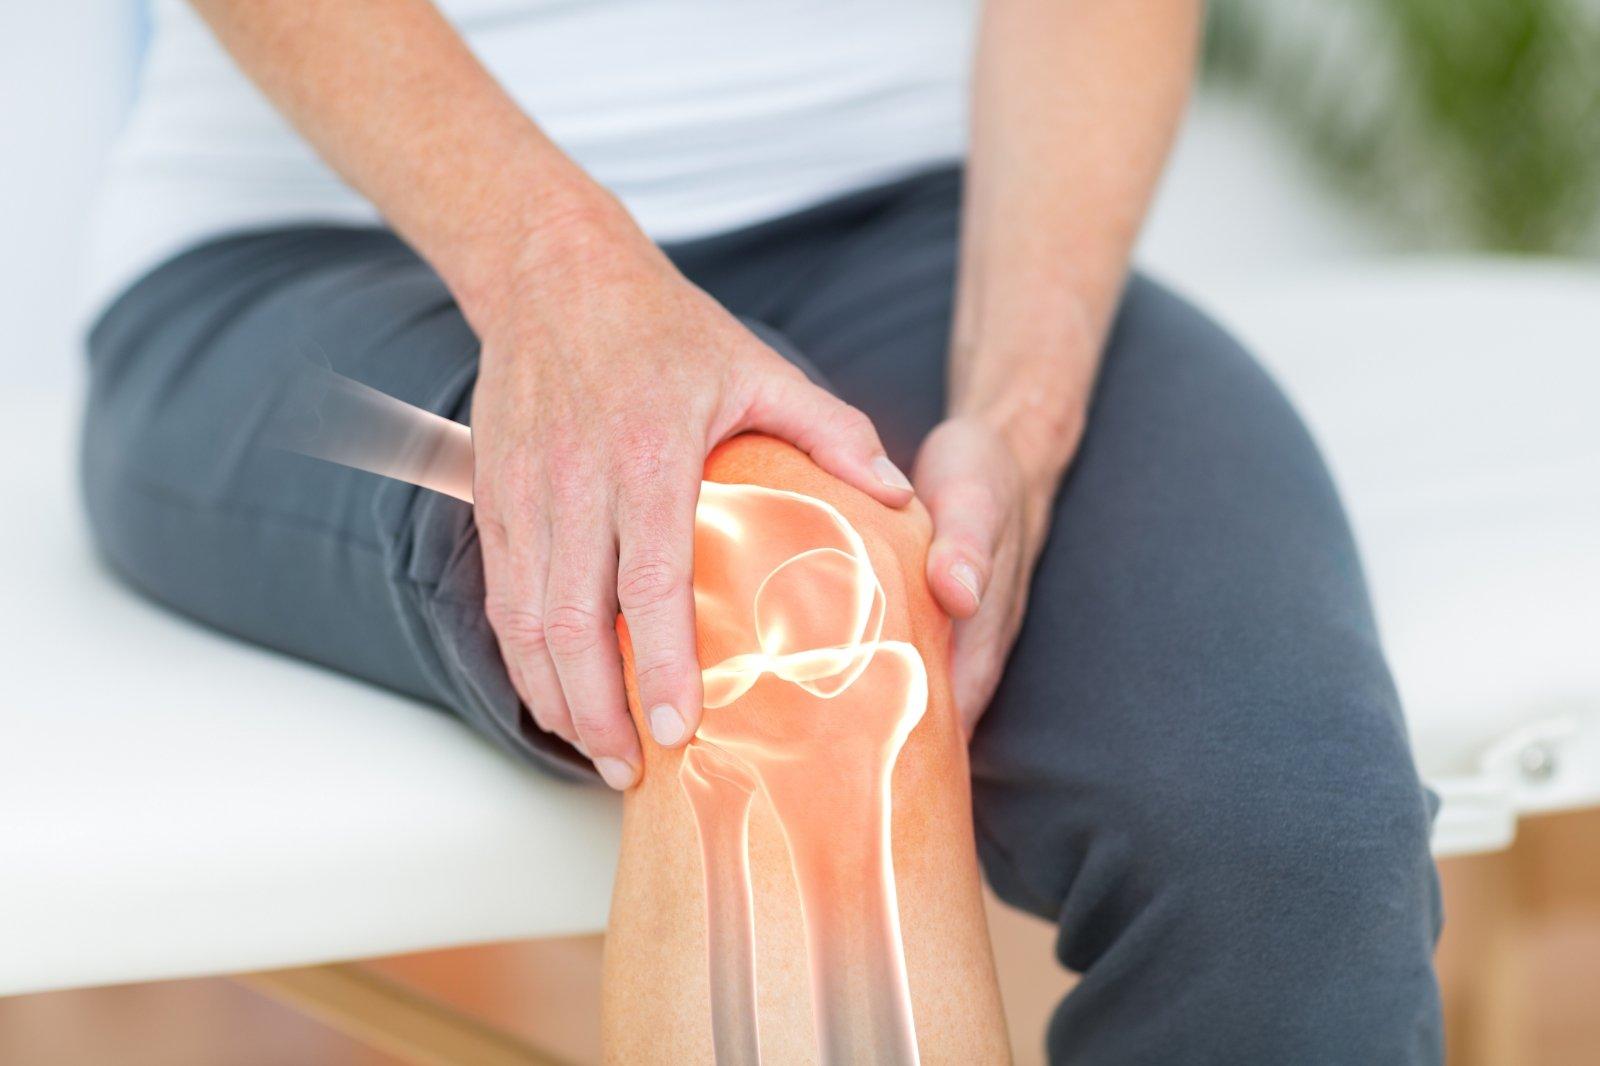 sąnarių sustingimas 30 metų ką daryti skausmas peties sąnario kai pakėlė rankas aukštyn gydymo